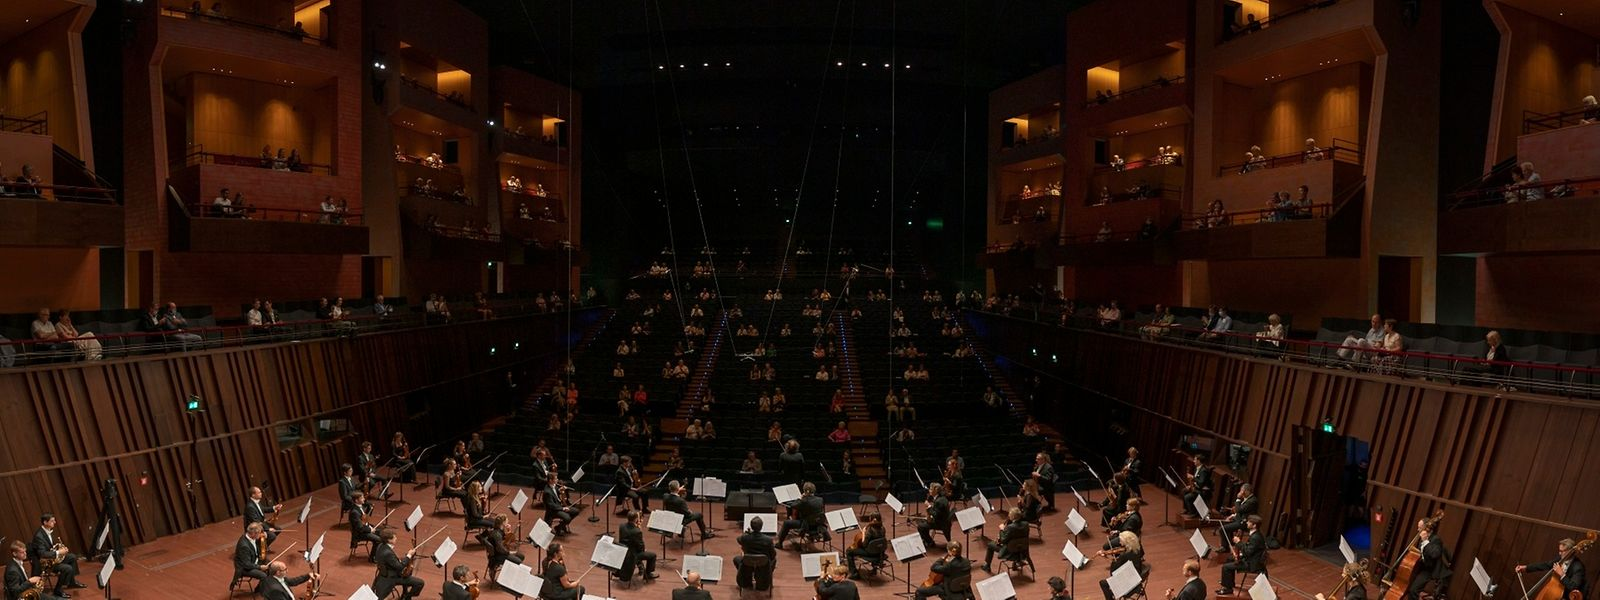 L'OPL a redonné un premier concert jeudi soir à la Philharmonie.